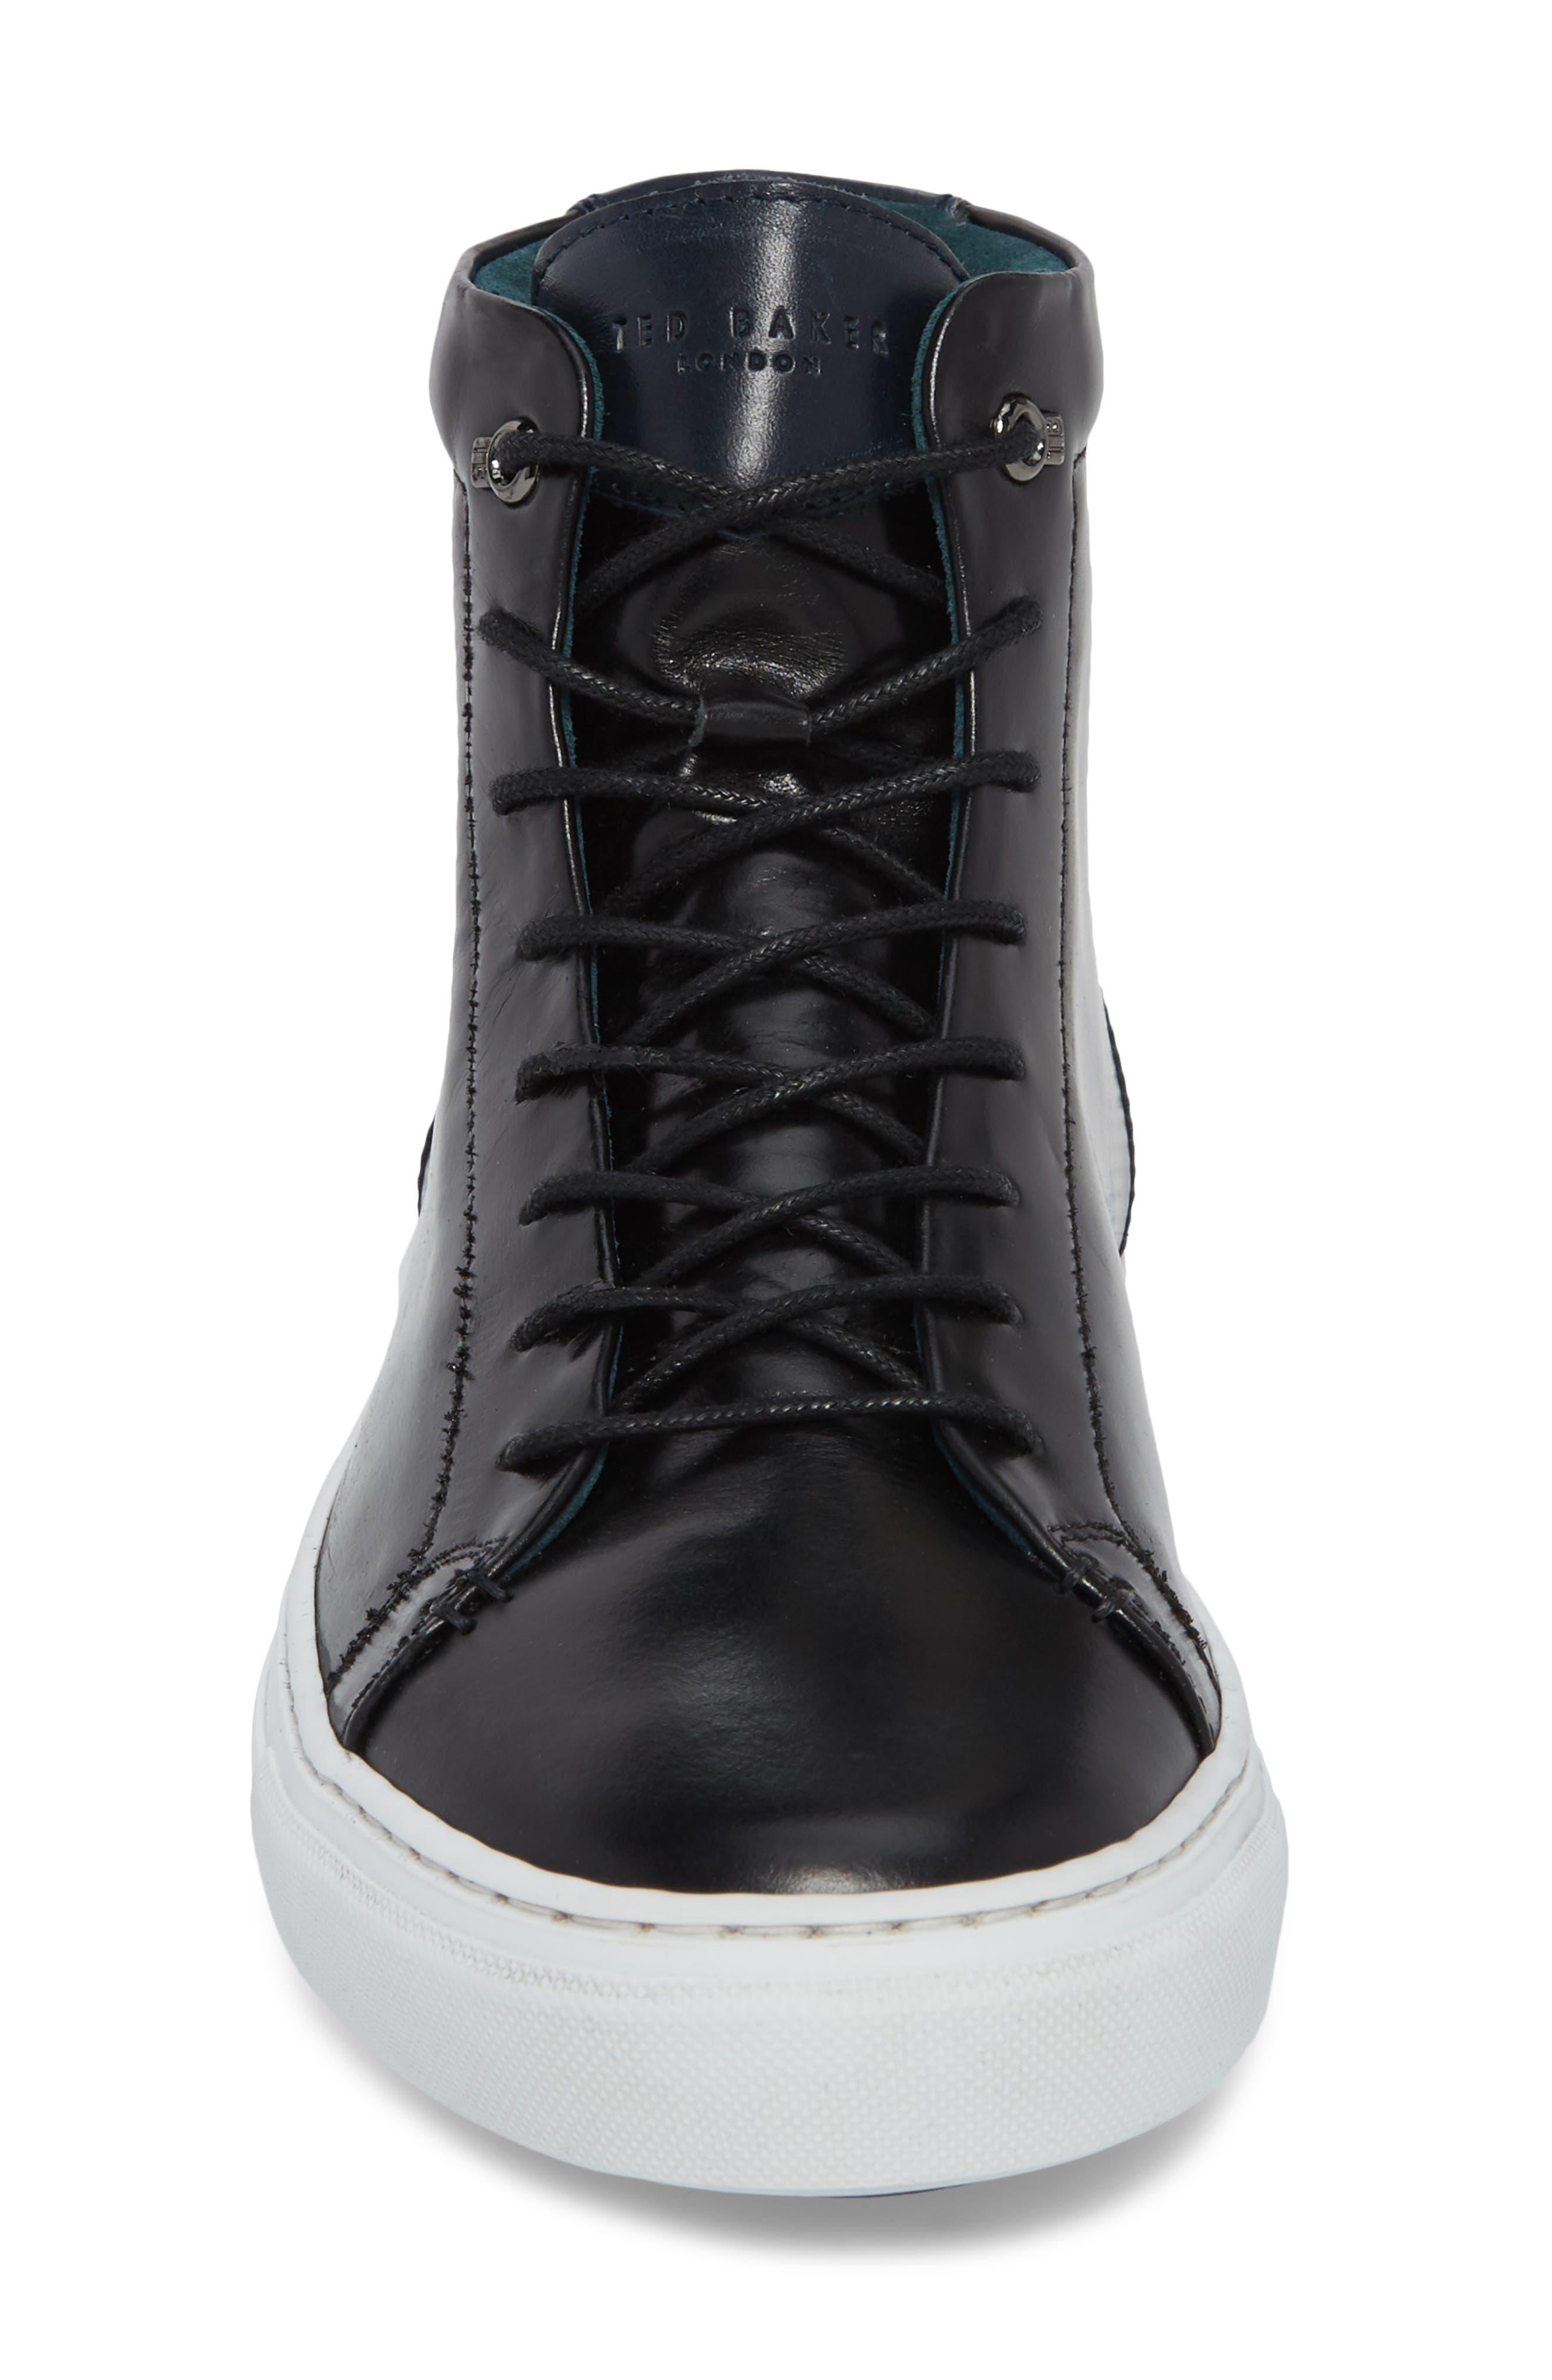 Monerkk High Top Sneaker,                             Alternate thumbnail 4, color,                             001